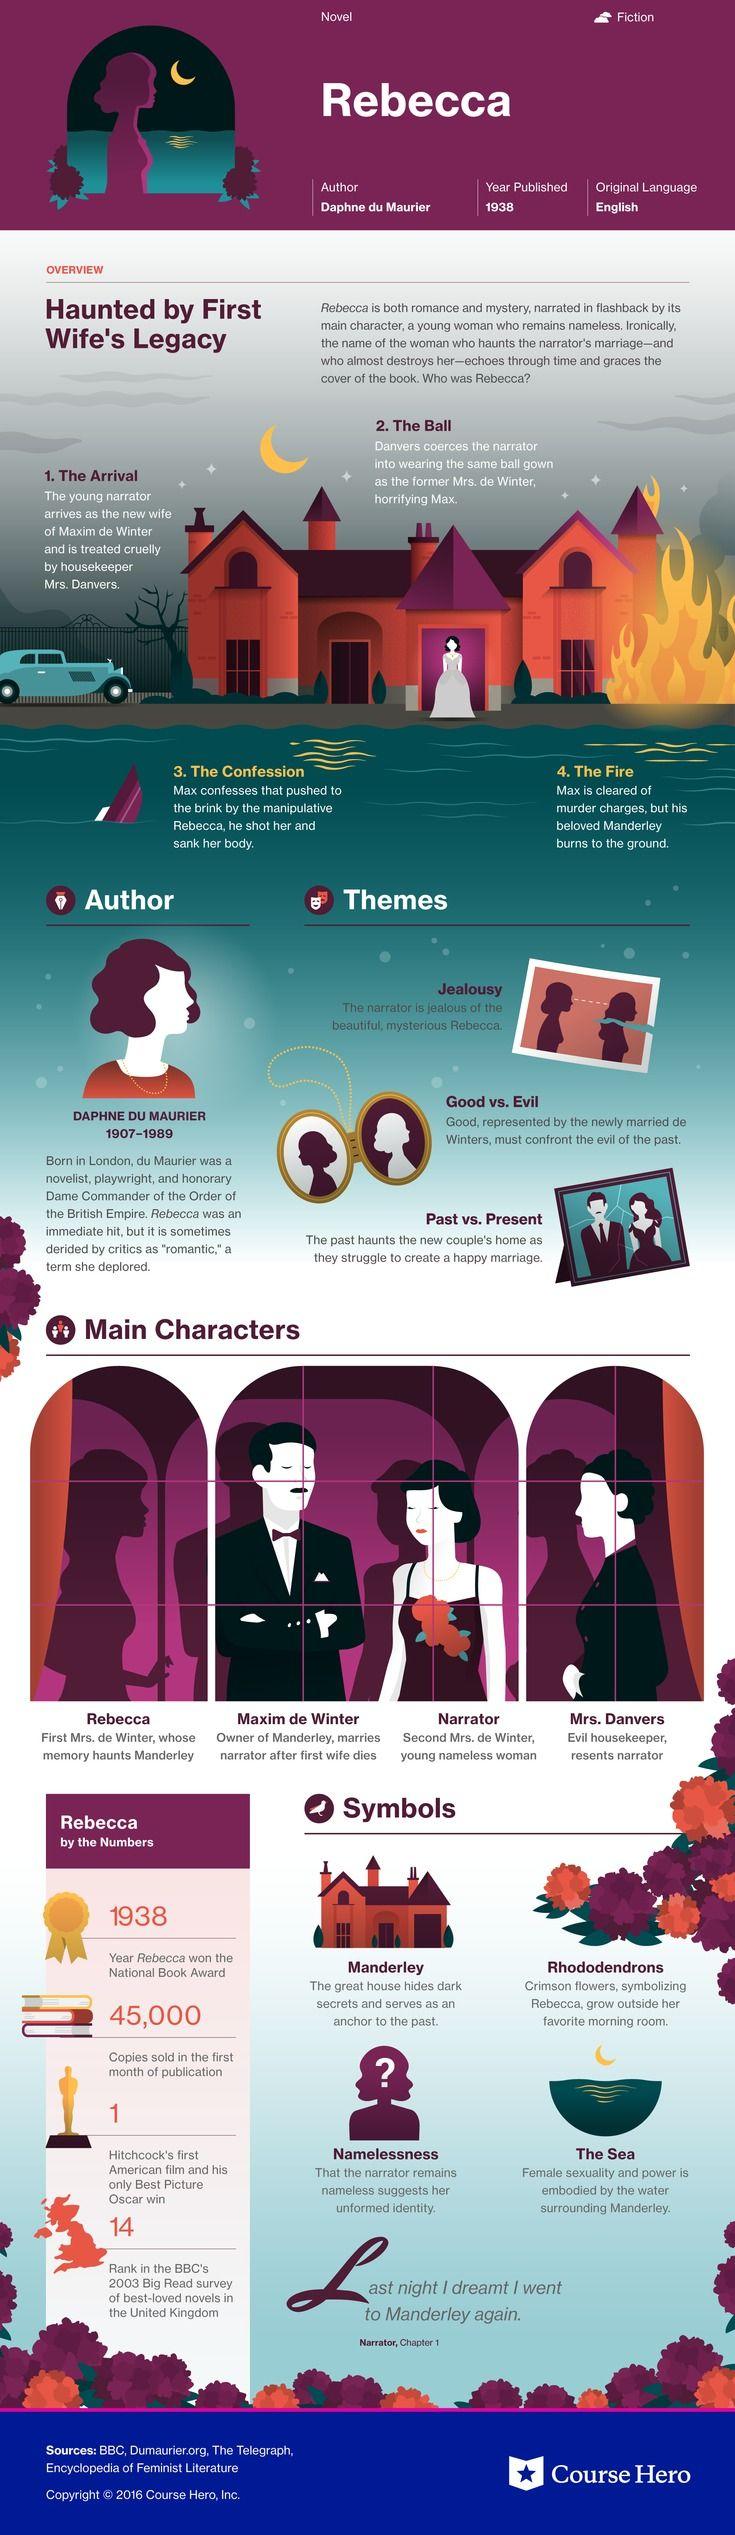 Rebecca Infographic – Bellatrix